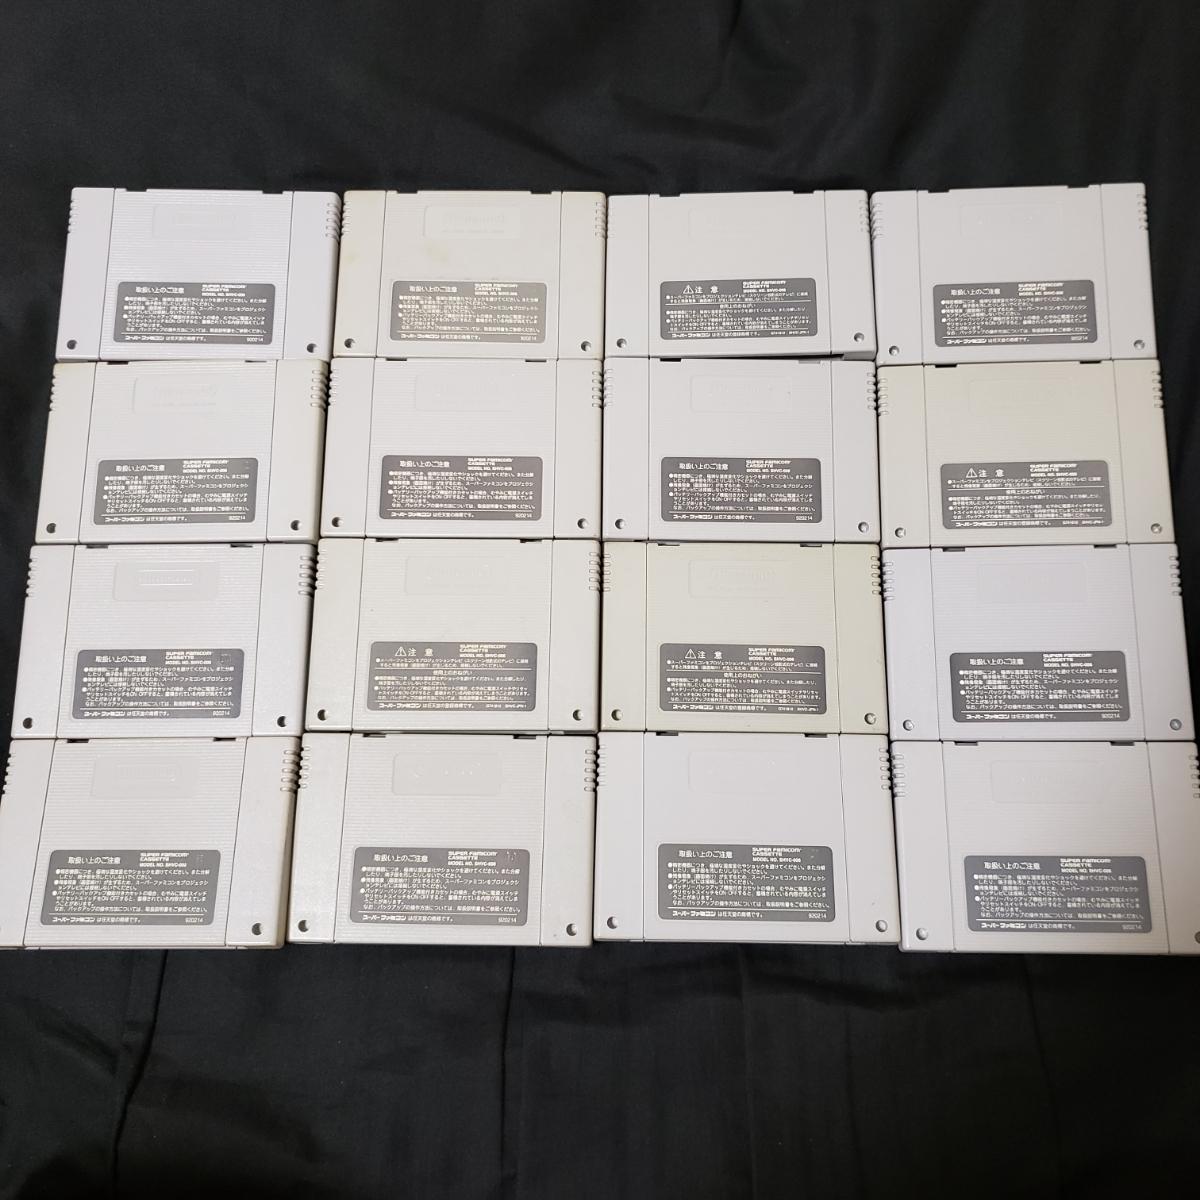 スーパーファミコンソフト16本セット ドラゴンクエスト3 ロックマン7 聖剣伝説3 グランヒストリア幻史世界記_画像2